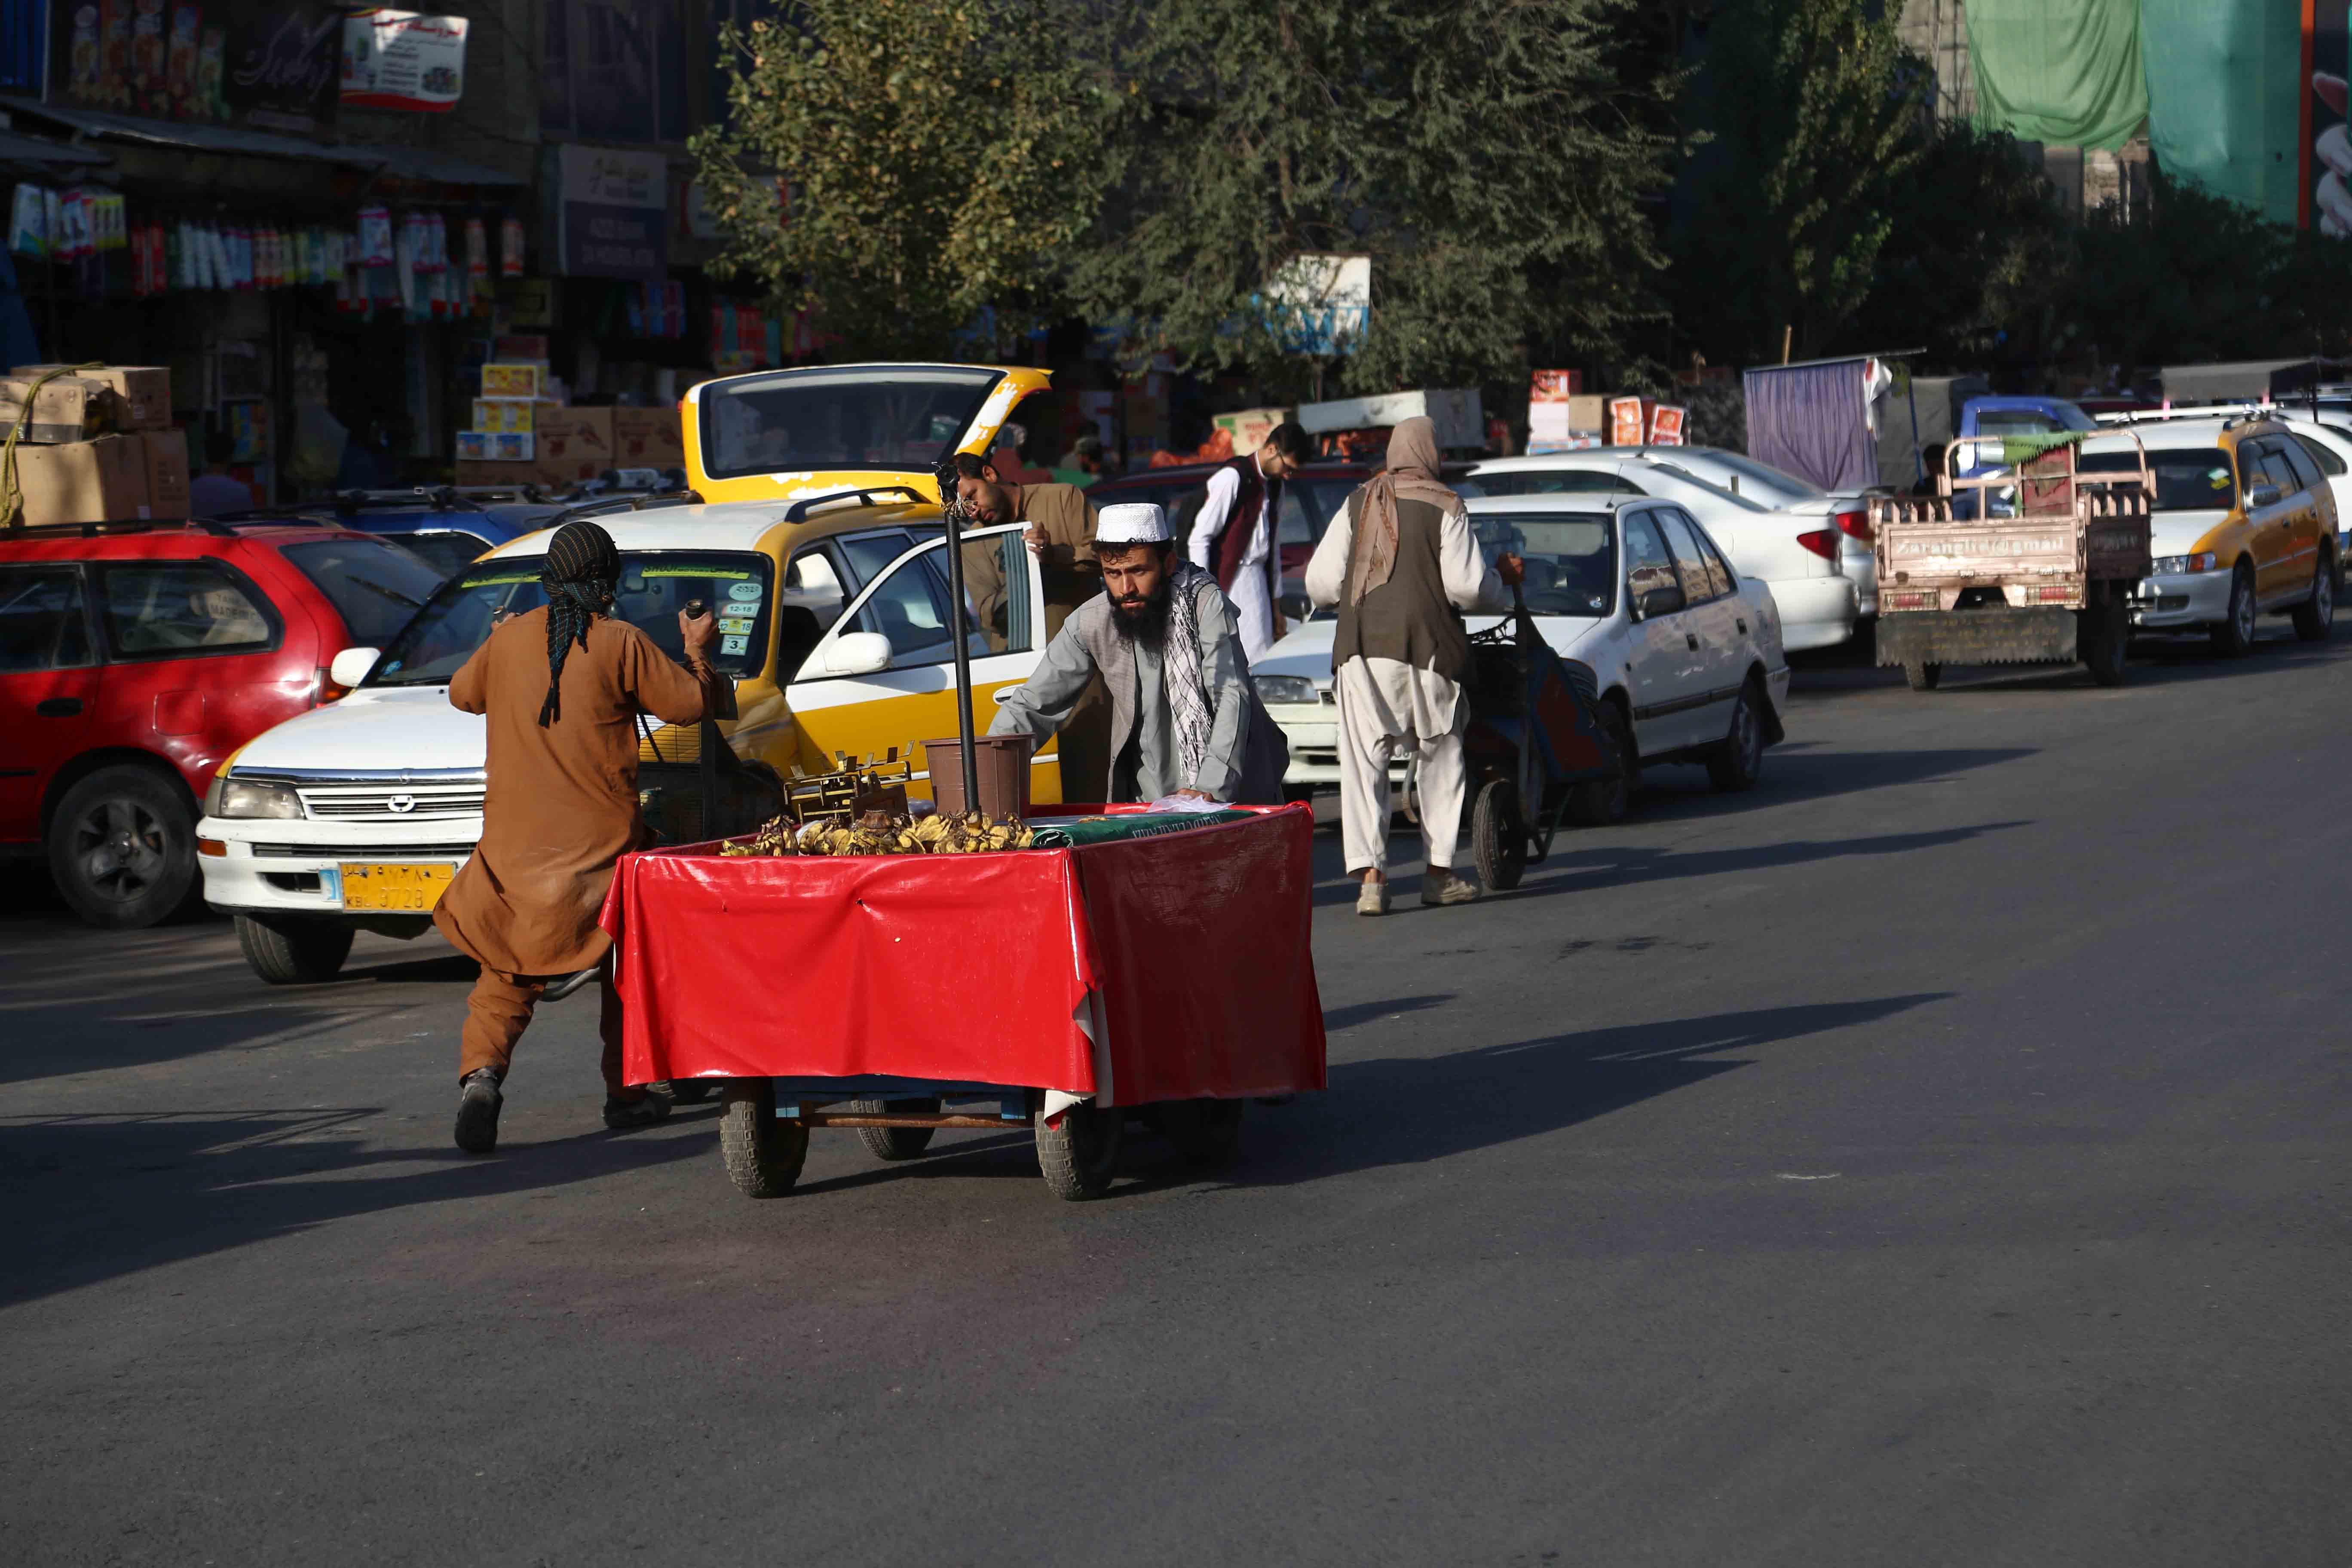 阿富汗塔利班掌权后,民众最期盼什么?